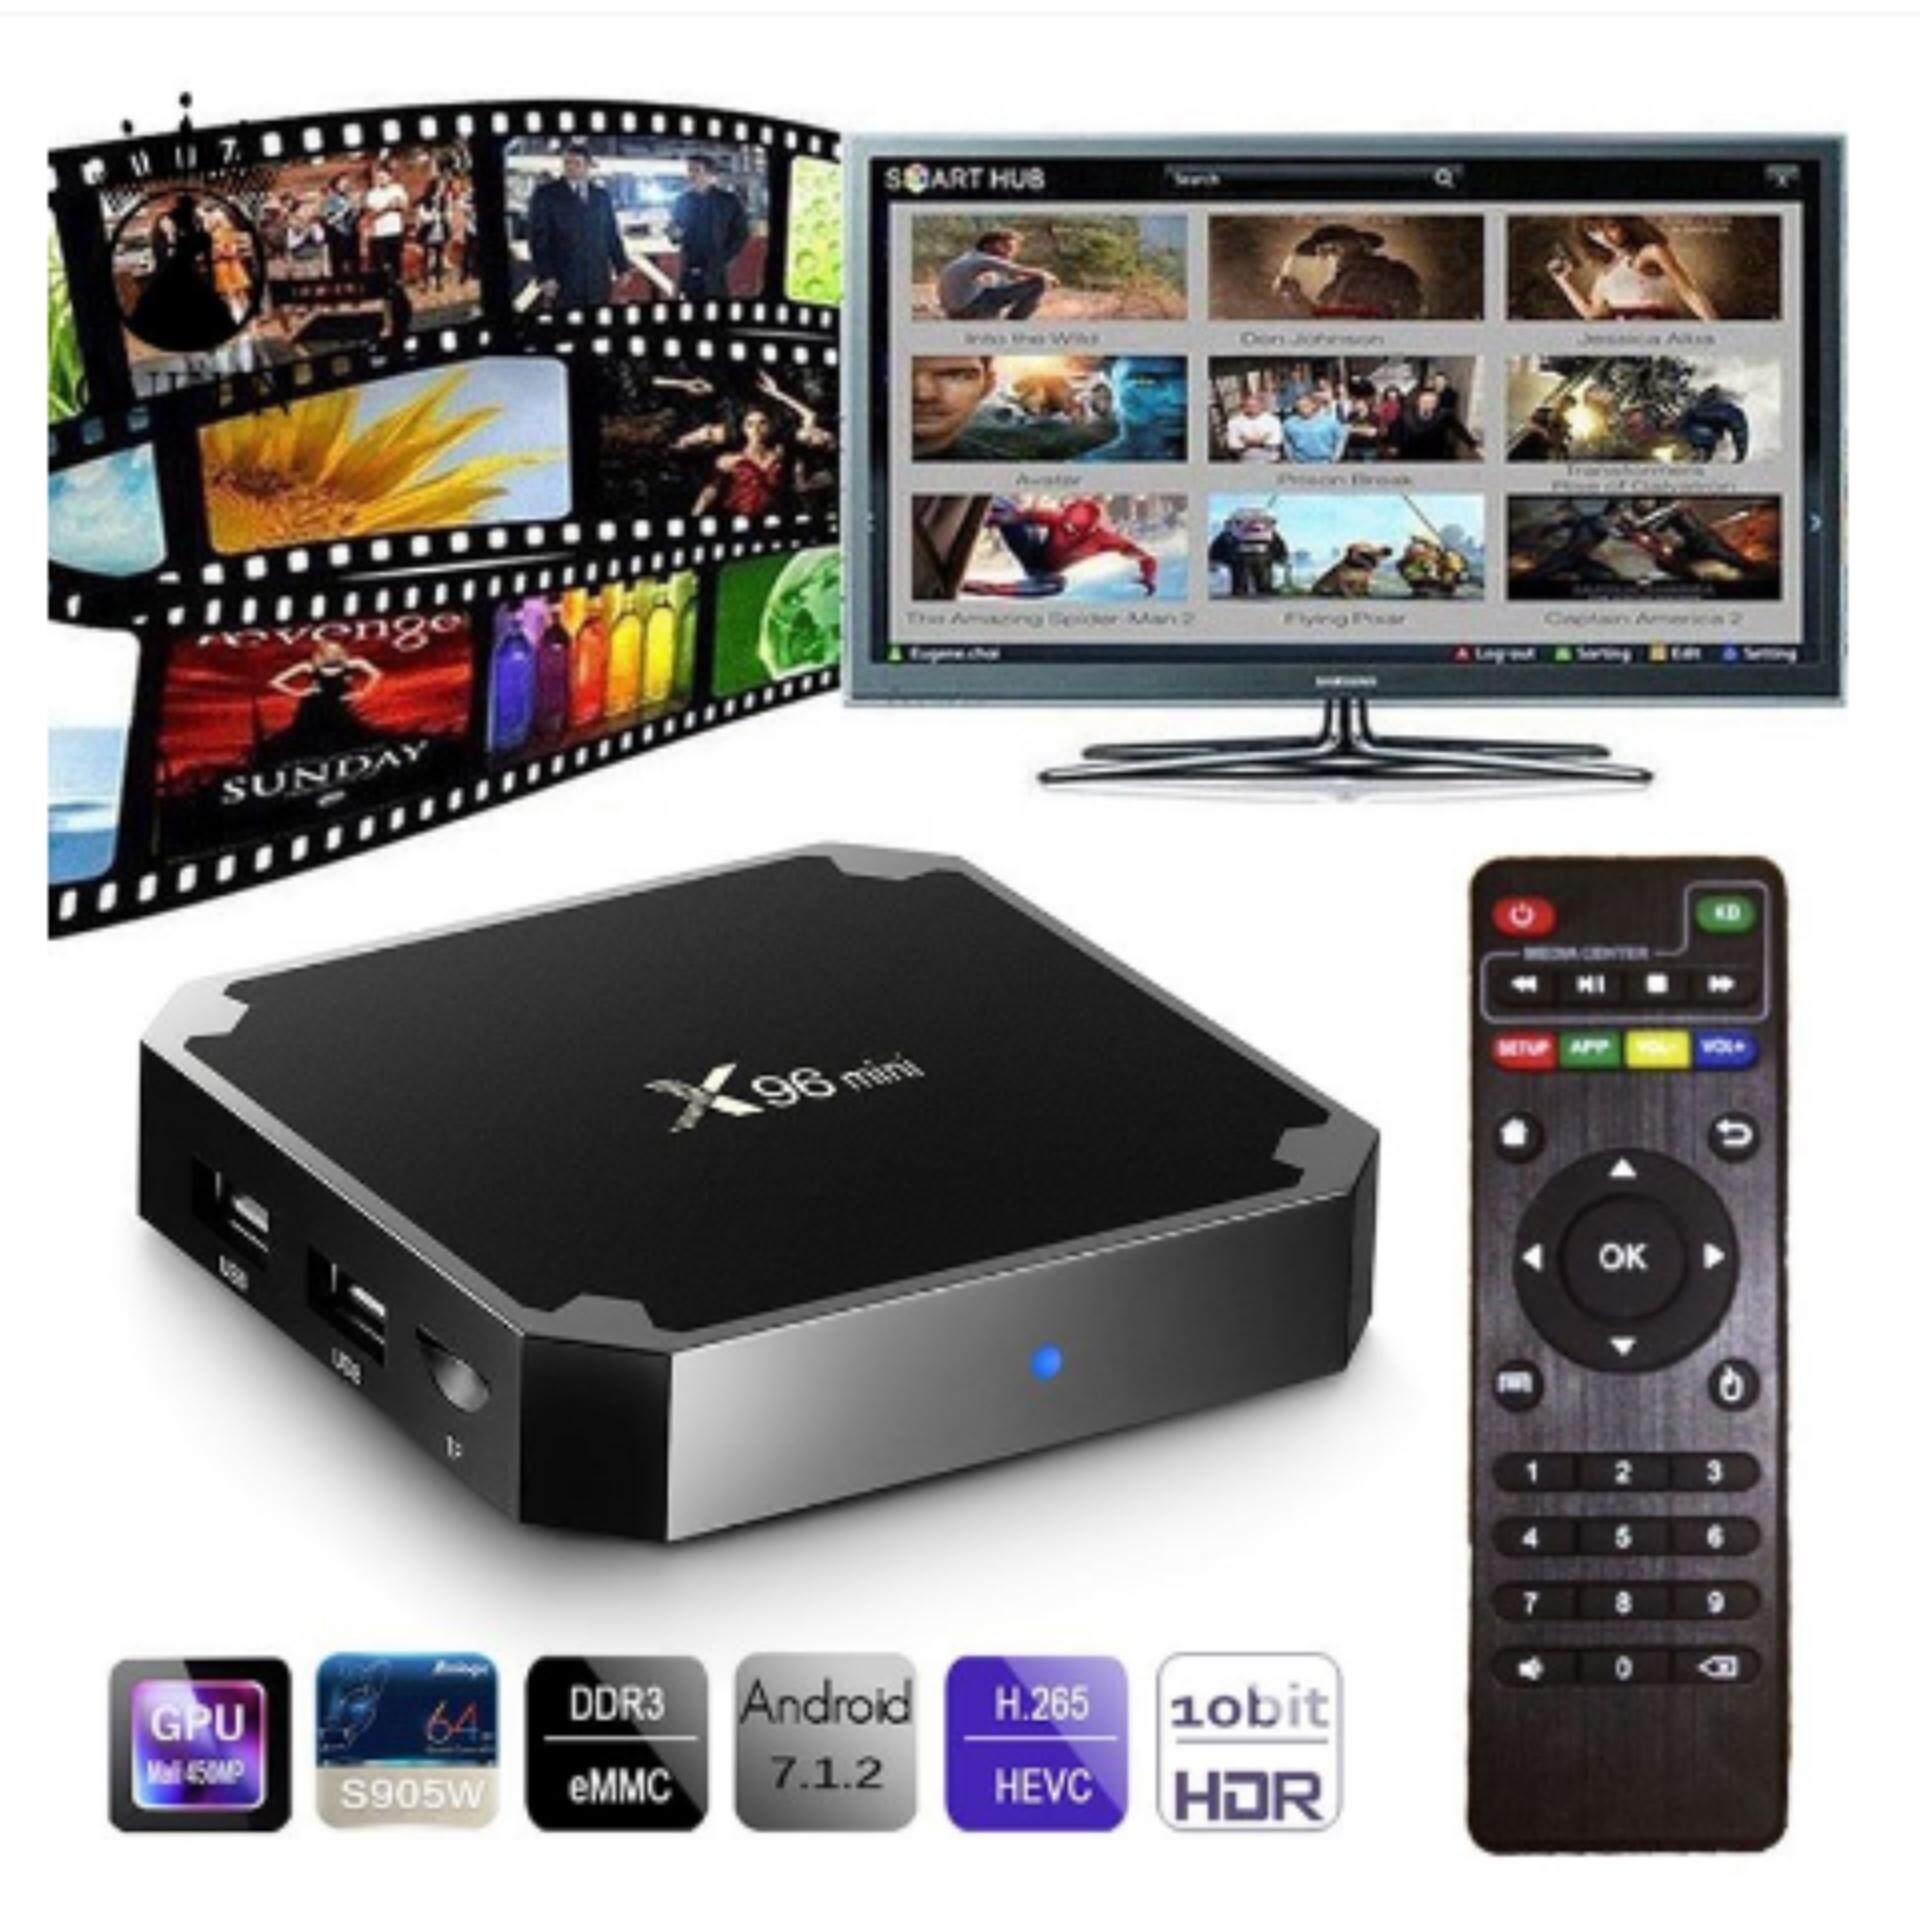 ยี่ห้อนี้ดีไหม  สุโขทัย Original งานแท้Android 7.1 BOX สมาร์ททีวี แอนดรอยด์ทีวี ดิจิตอลแอนดรอยด์ทีวี แอนดรอยด์บ็อกซ์ 2G+16G รุ่น X96 mini(Bangkoknet)